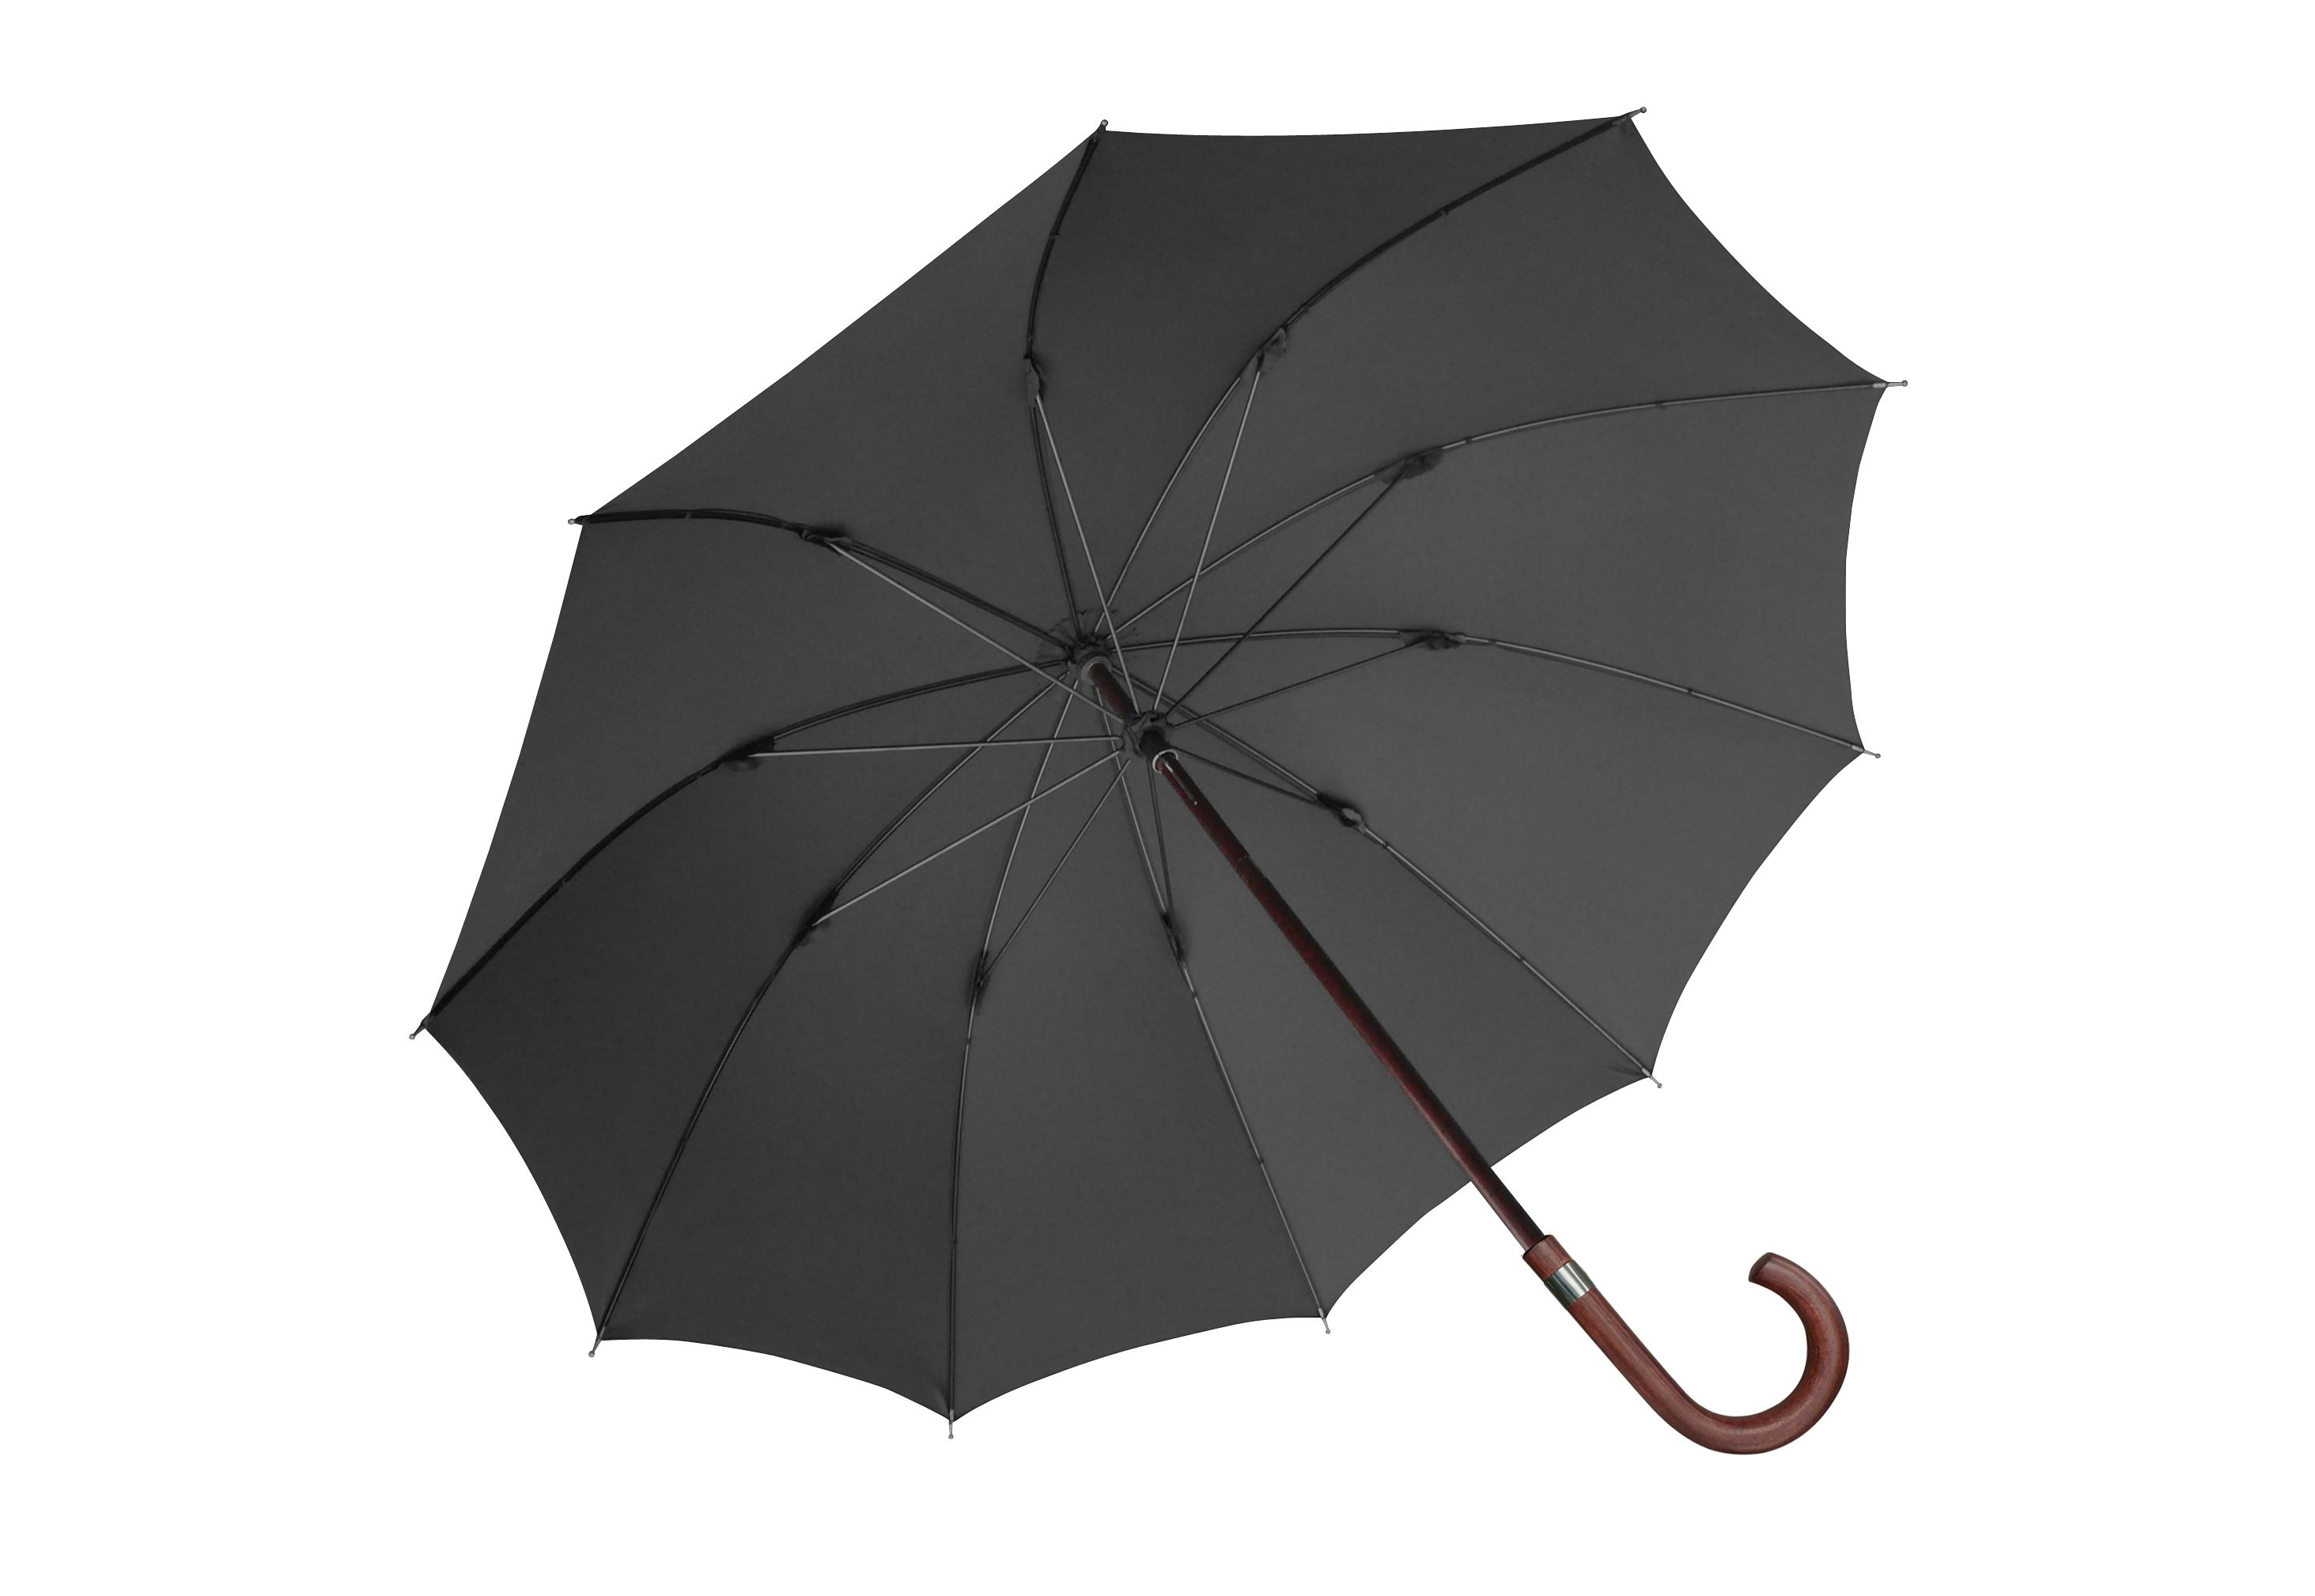 Euroschirm, Stockregenschirm ´´Herren-Stockschirm´´ | Accessoires > Regenschirme > Stockschirme | Schwarz | Polyester | EUROSCHIRM®